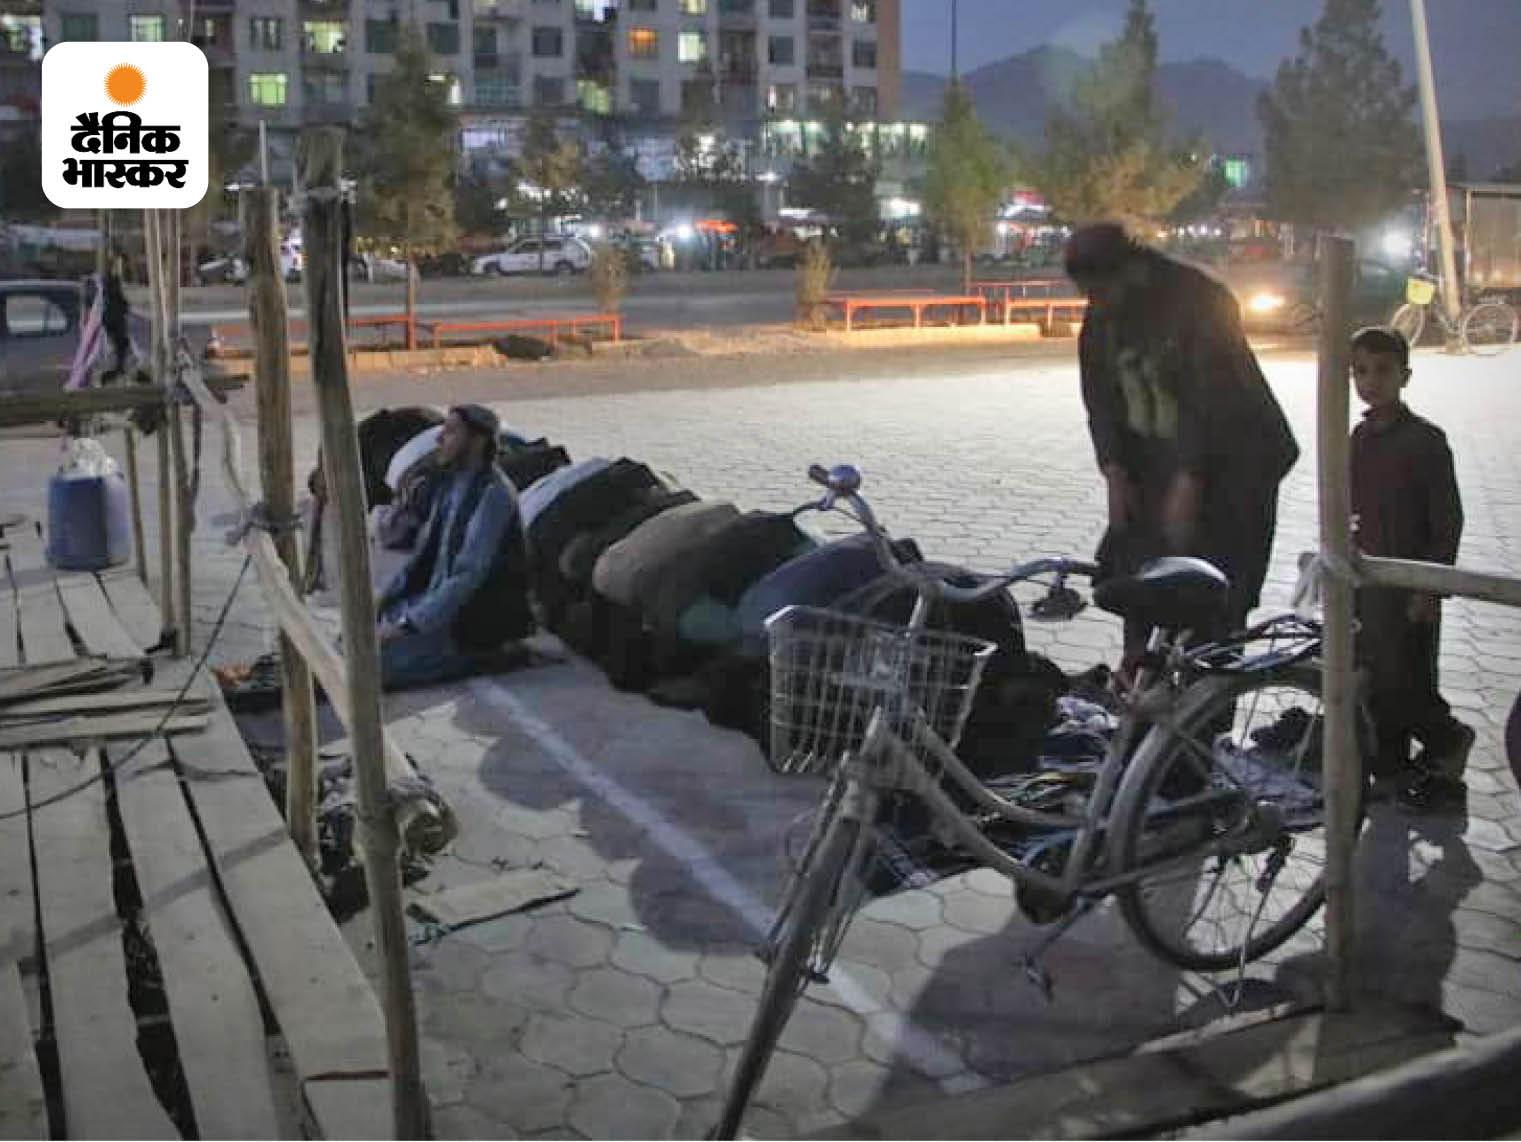 काबुल दाखिल होने के बाद साइकिल स्टैंड पर नमाज पढ़ते तालिबानी लड़ाके। तालिबान ने अपने लड़ाकों से कहा है कि जो भी देश छोड़कर जाना चाहता है, उसे जाने दें।